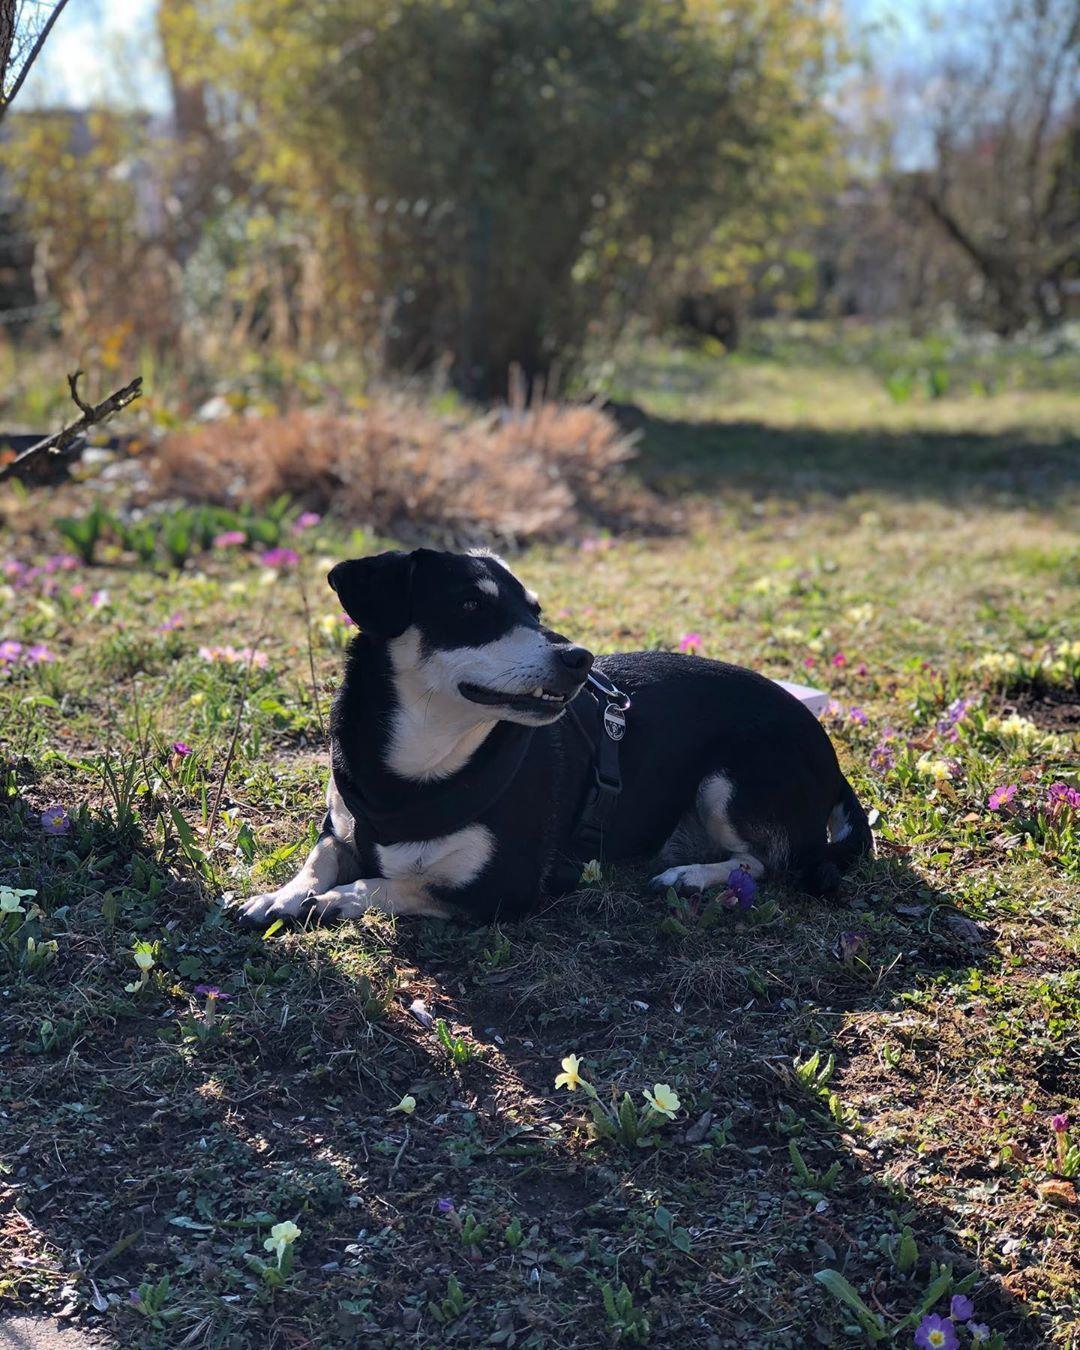 my partner in crime 💘  #dogsofinstagram  #puppy  #instadog  #dogstagram  #dogs  #dogoftheday  #dogsitting  #ilovemydog  #doglove...